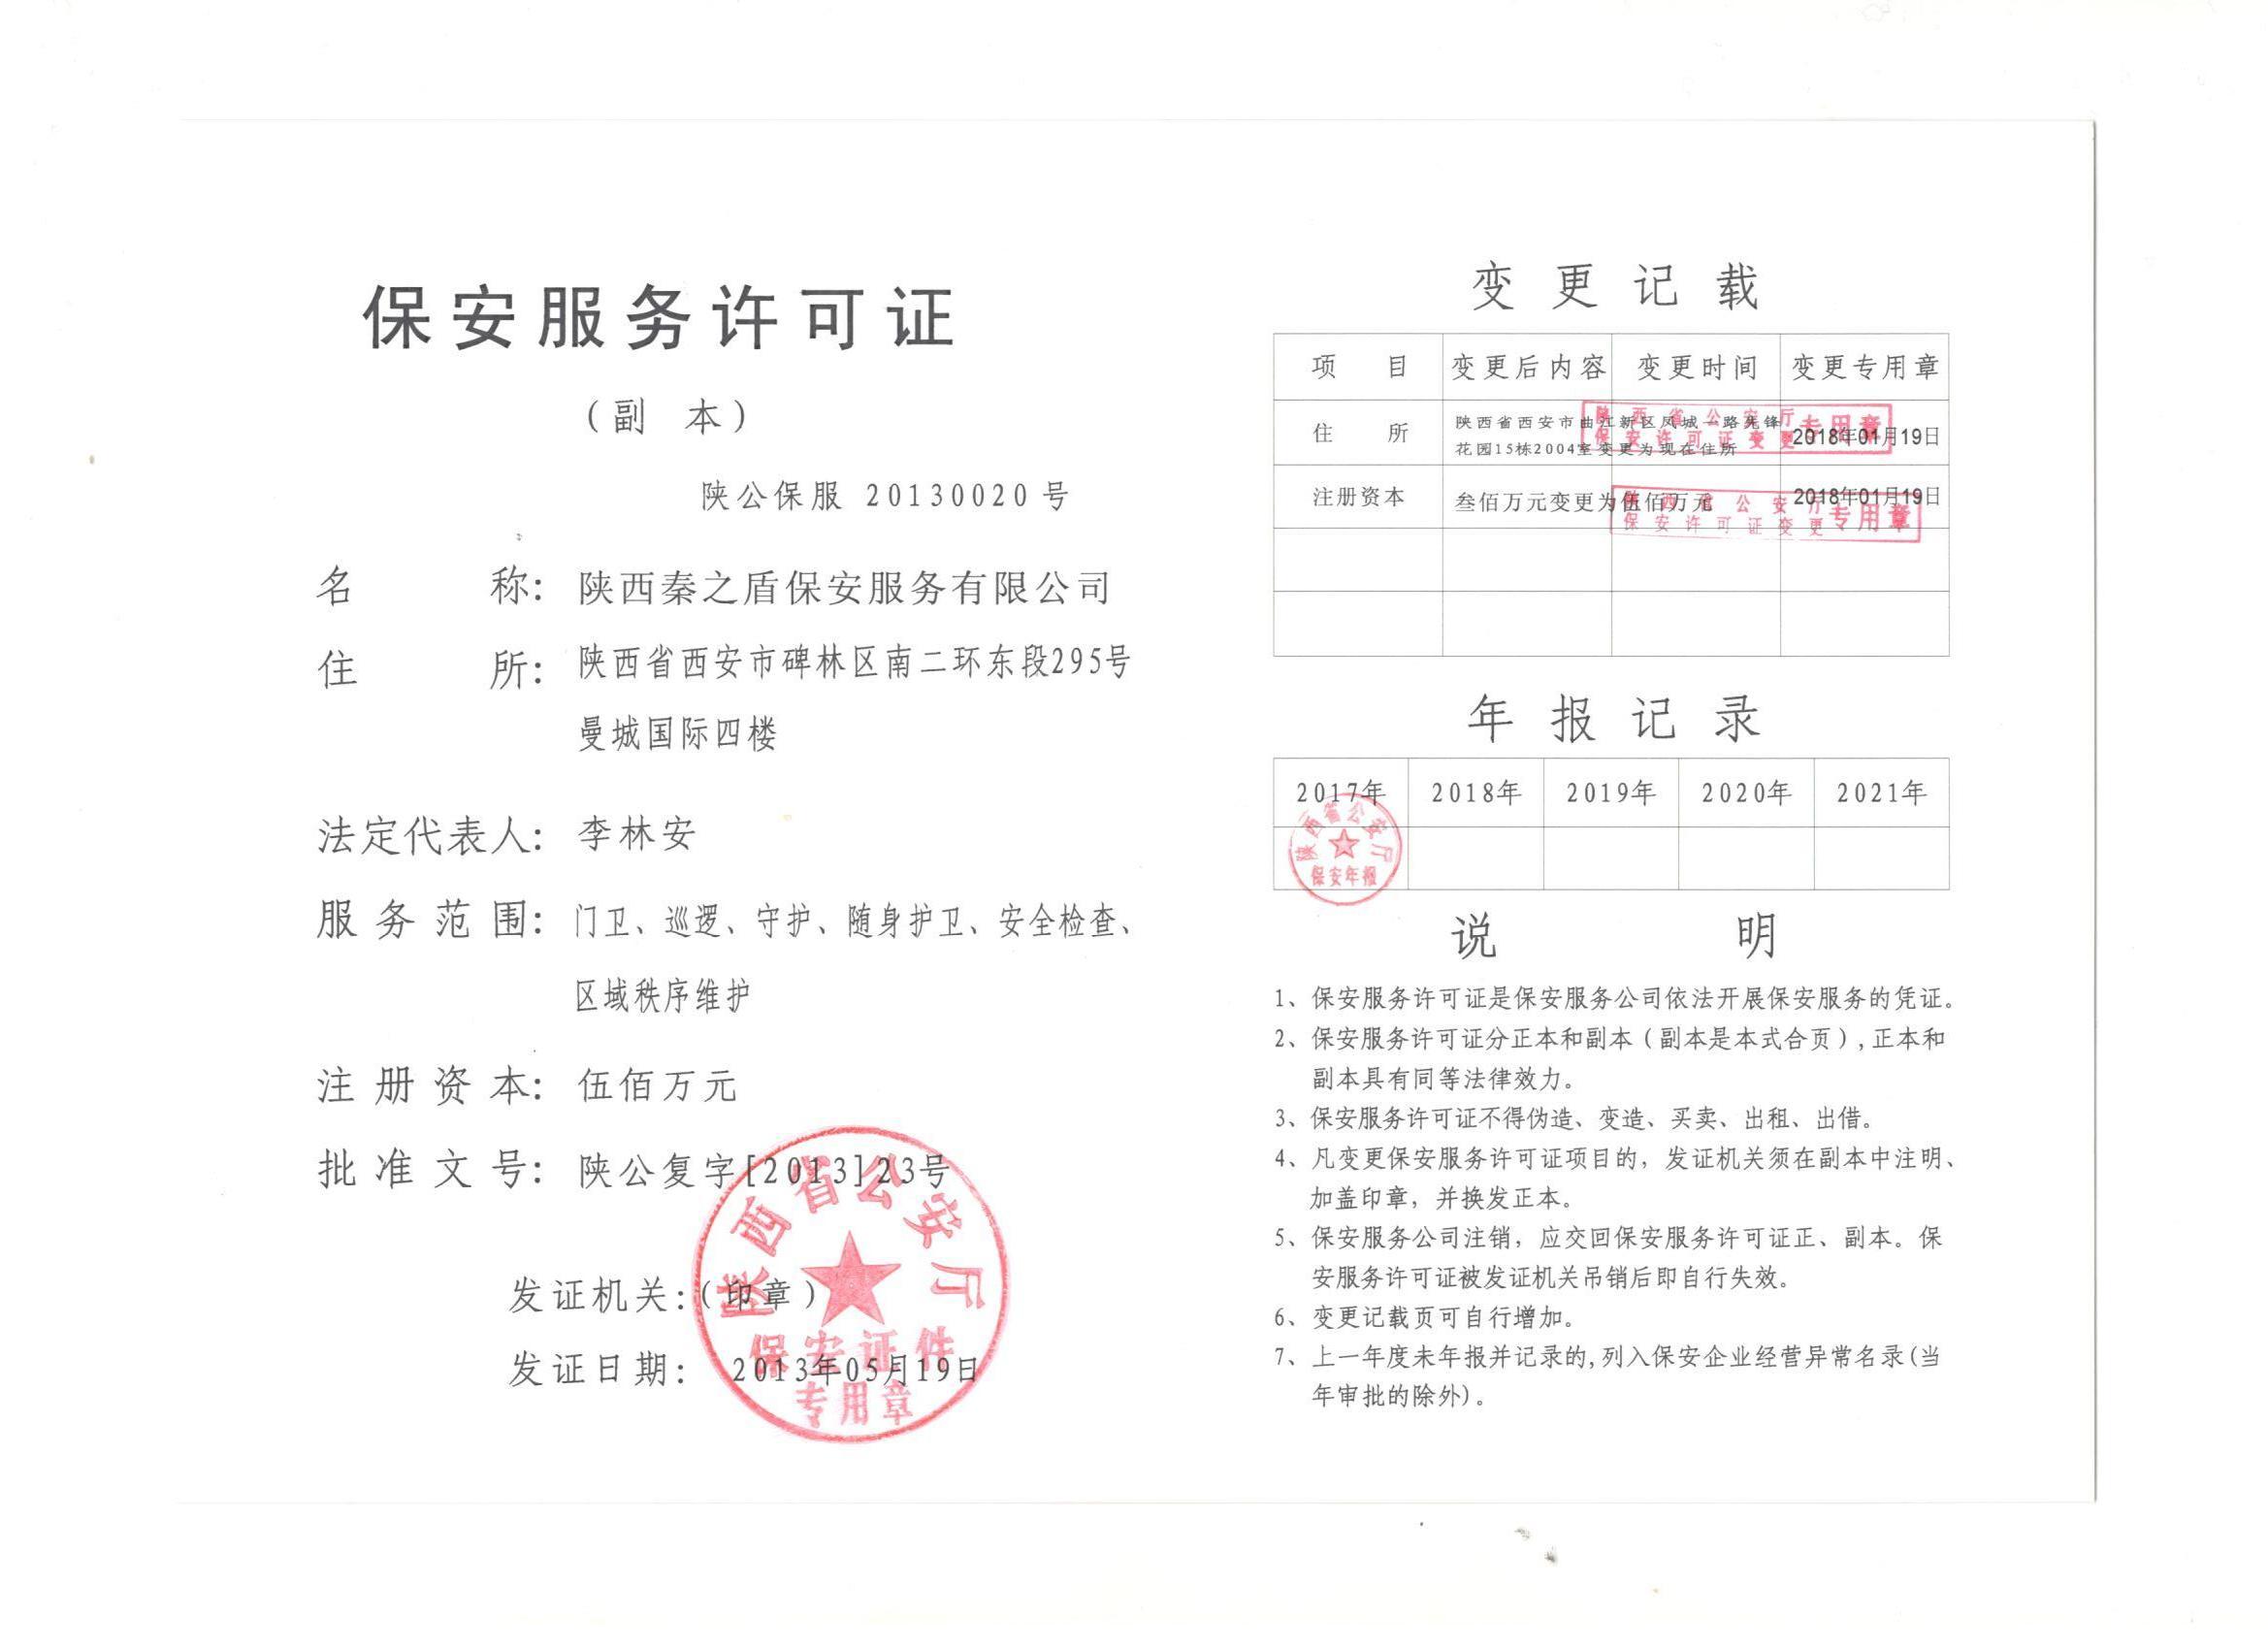 新威廉希尔下载许可证 - 万能看图王.jpg